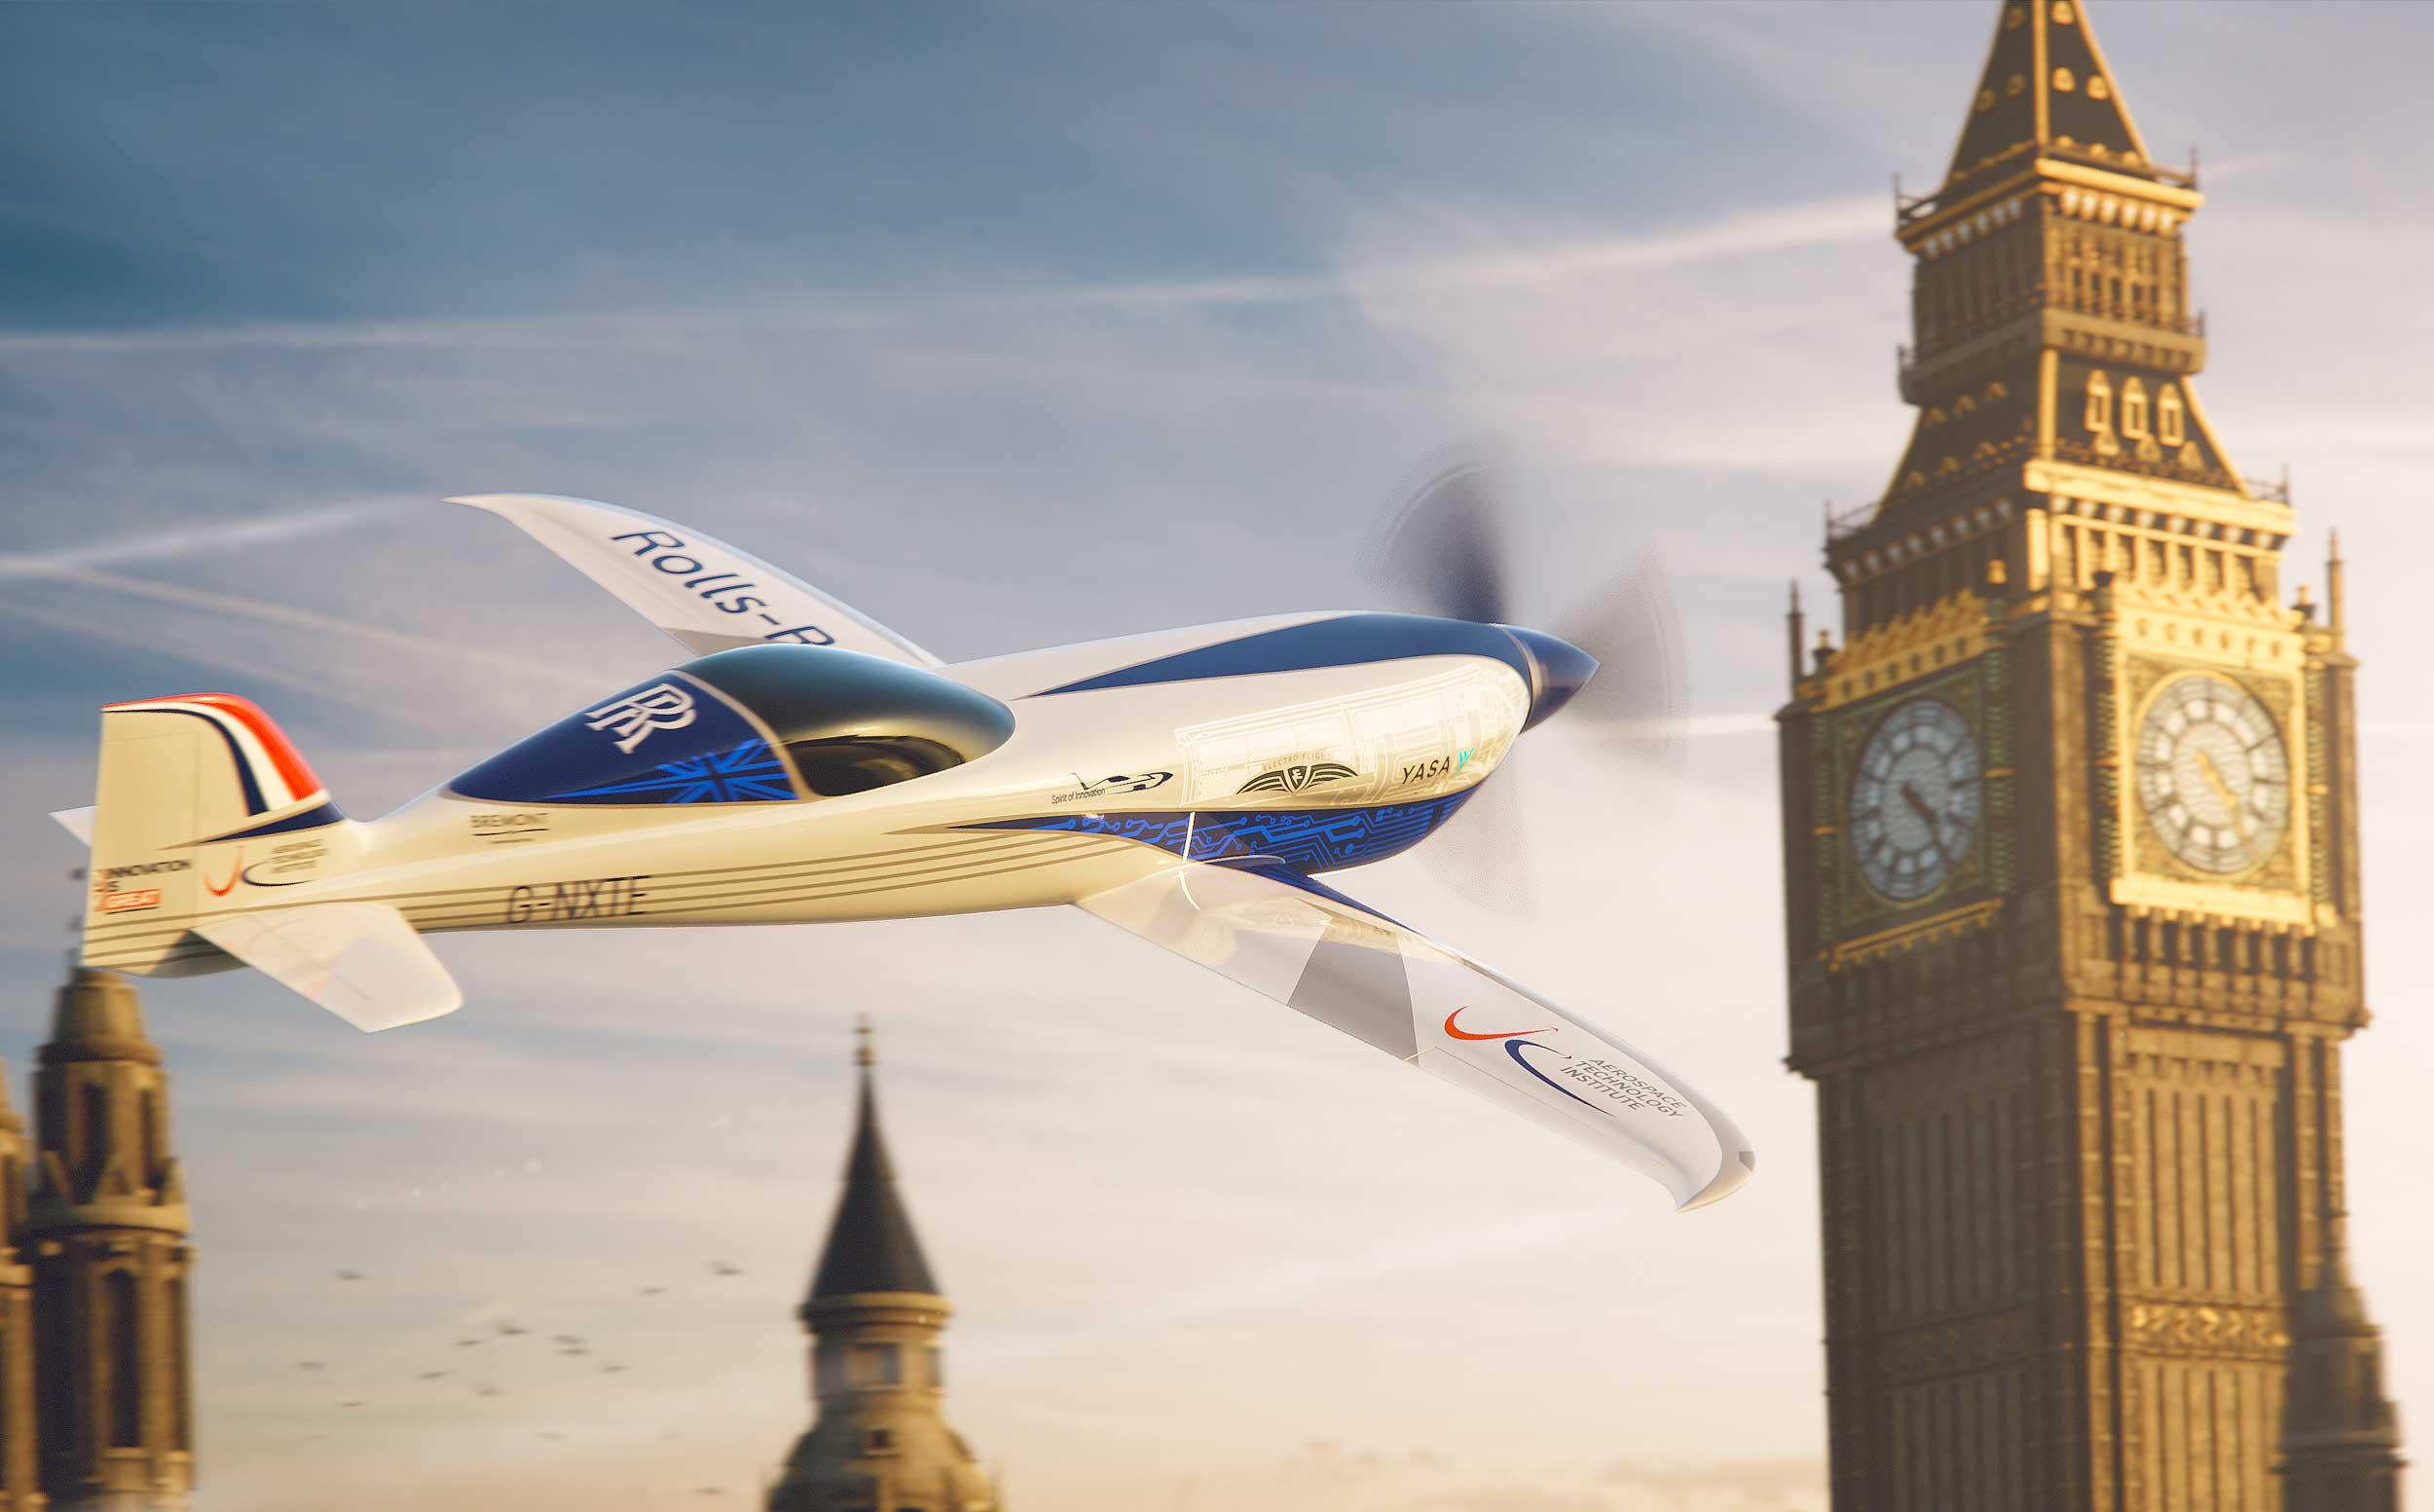 Rolls-Royce ACCEL flying